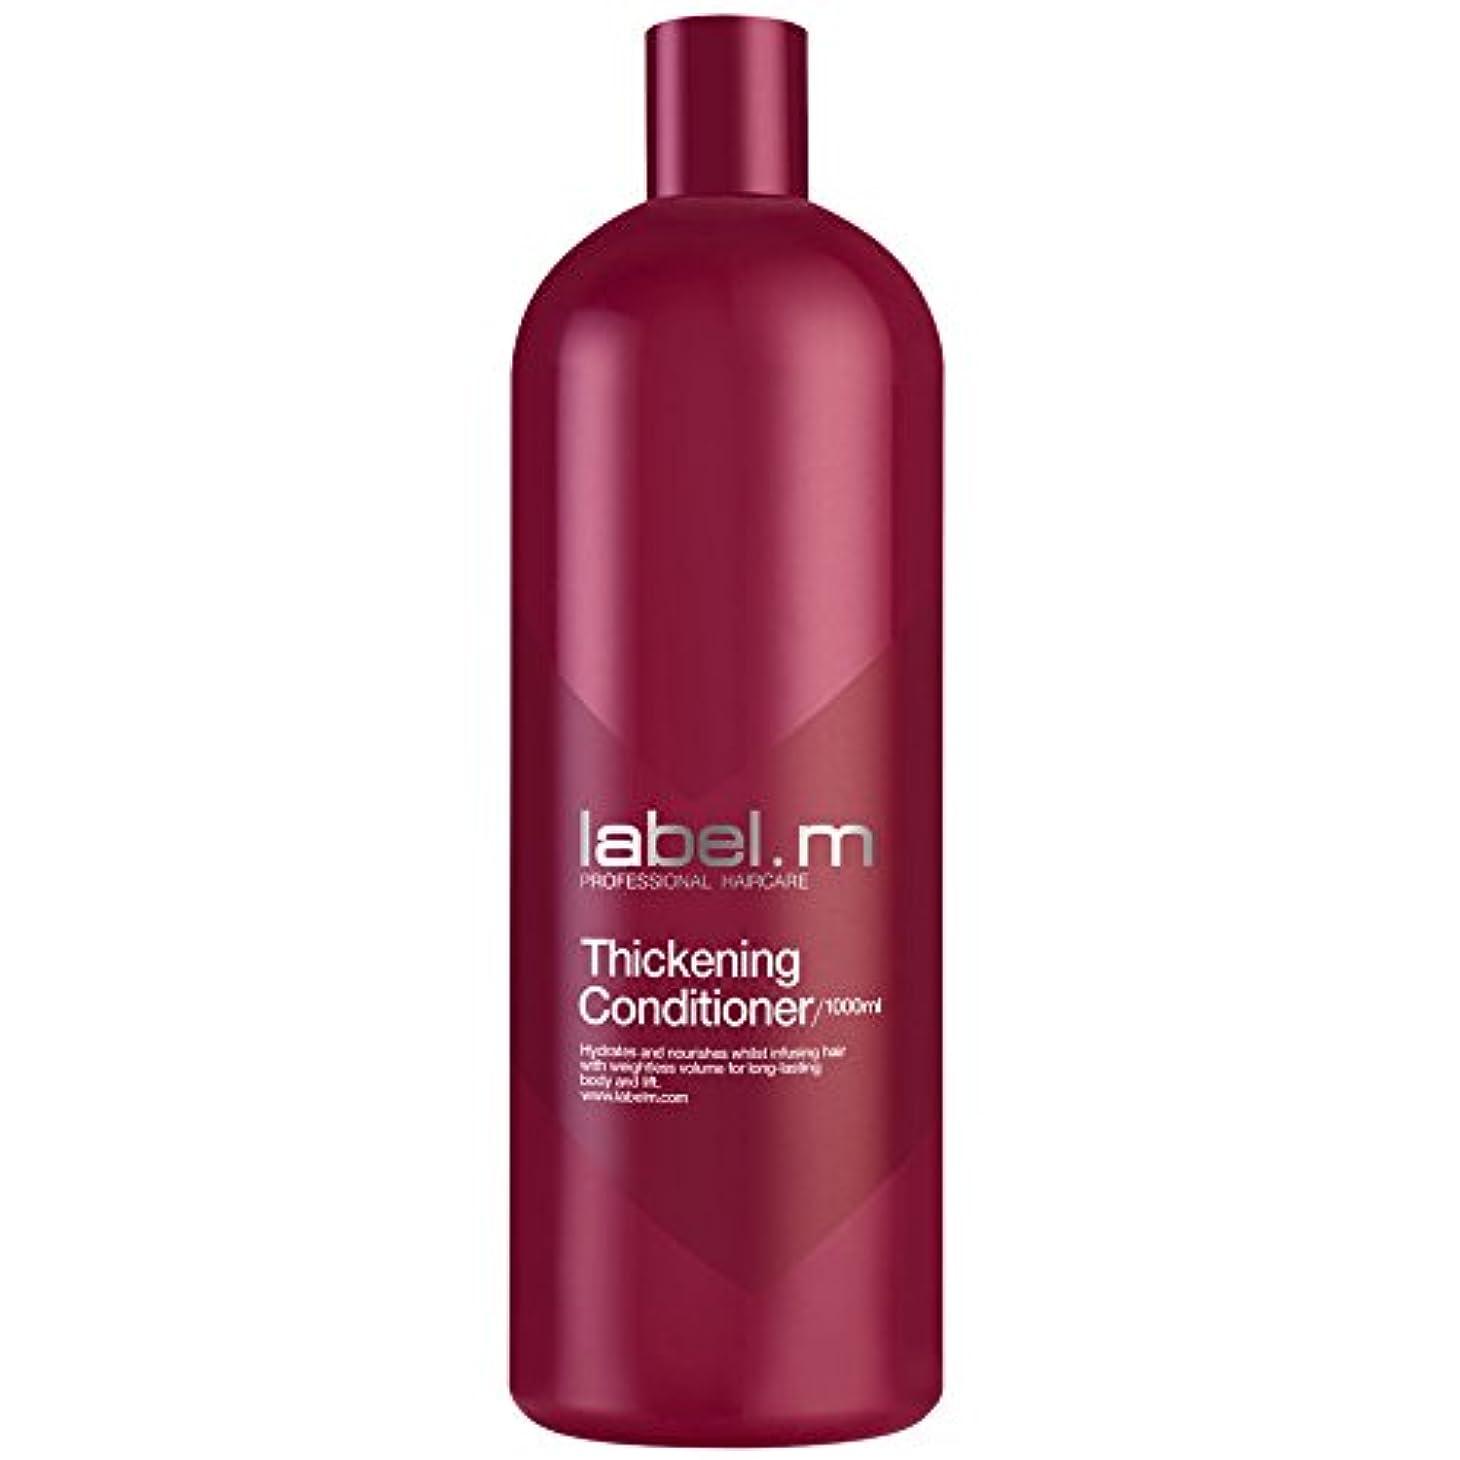 独立適応する仮装レーベルエム シックニング コンディショナー (髪に潤いと栄養を与えて、軽やかでコシとボリュームのある髪を長時間キープします。) 1000ml